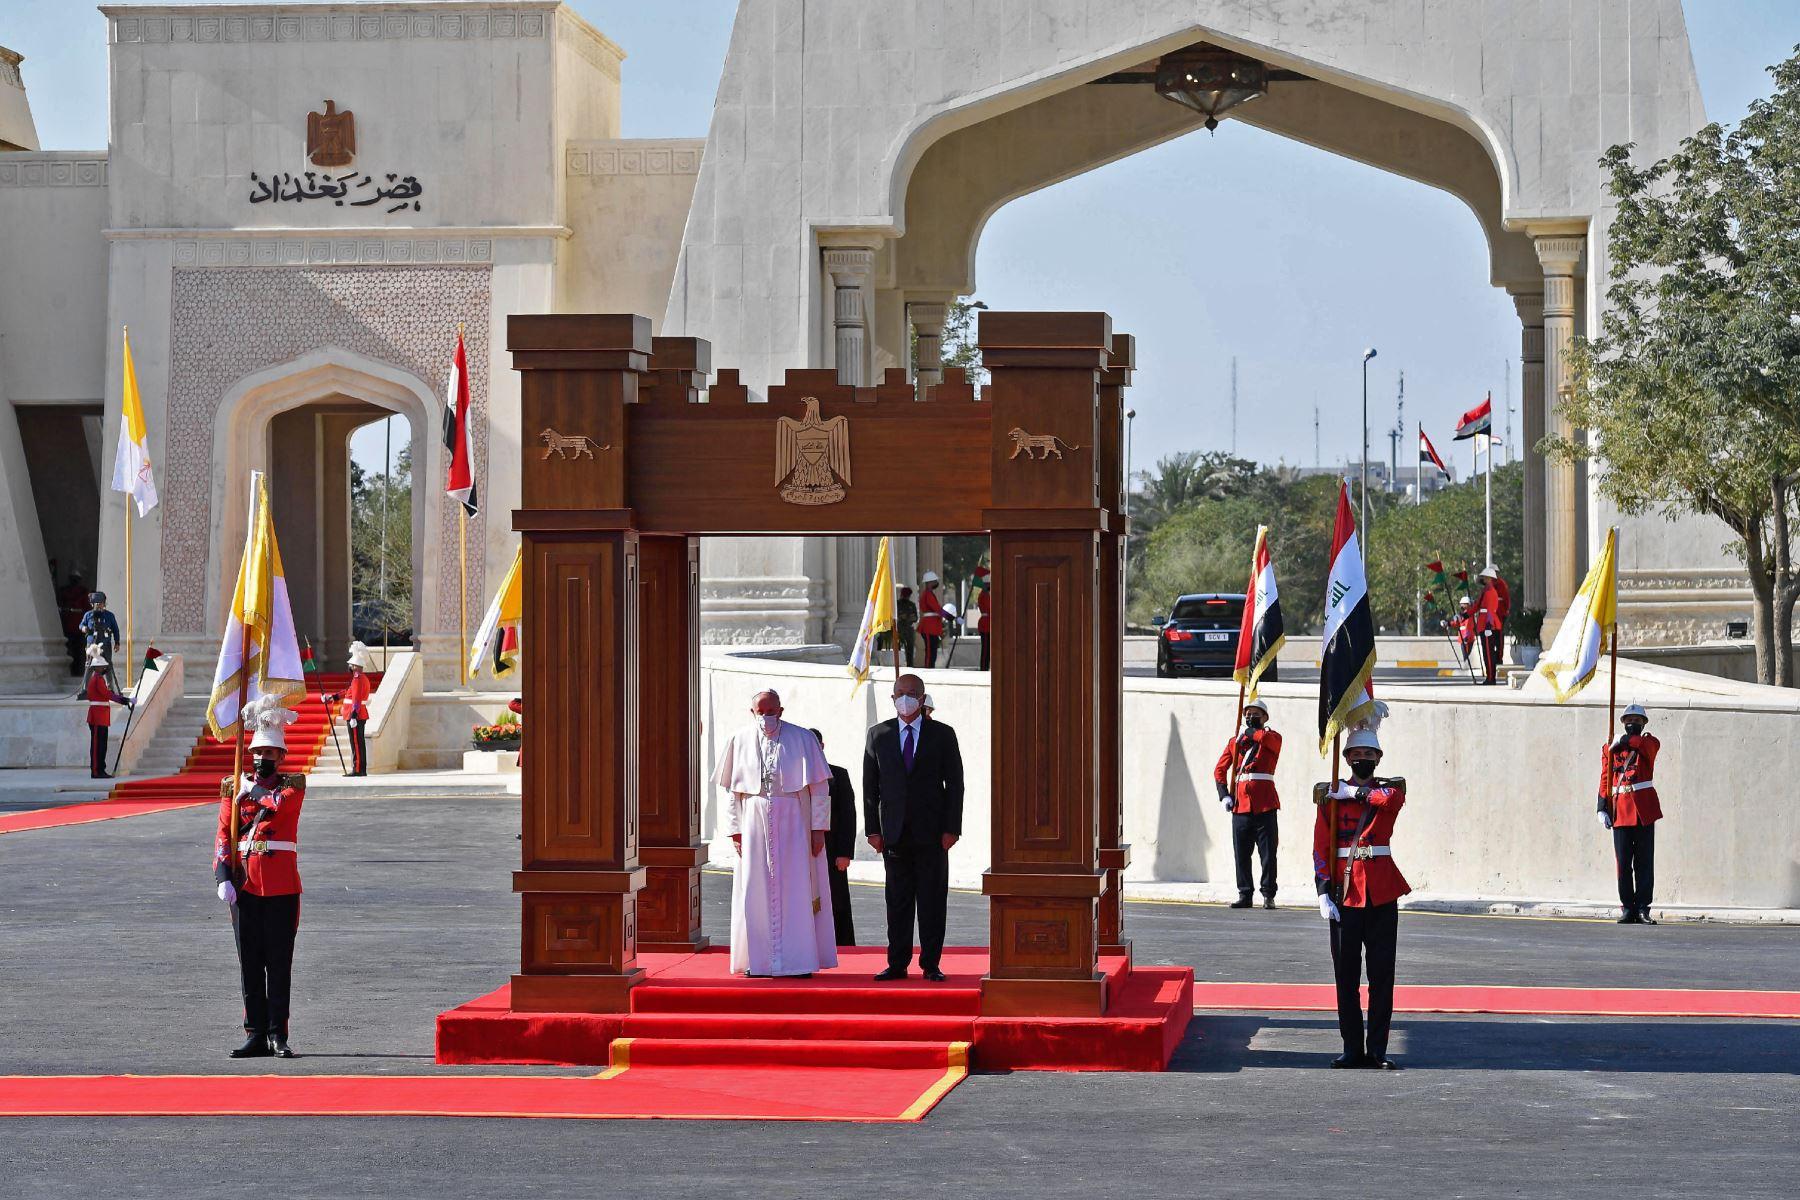 Una imagen divulgada por los medios del Vaticano muestra al presidente iraquí Barham Saleh dando la bienvenida al Papa Francisco en el palacio presidencial en la Zona Verde de Bagdad. Foto: AFP